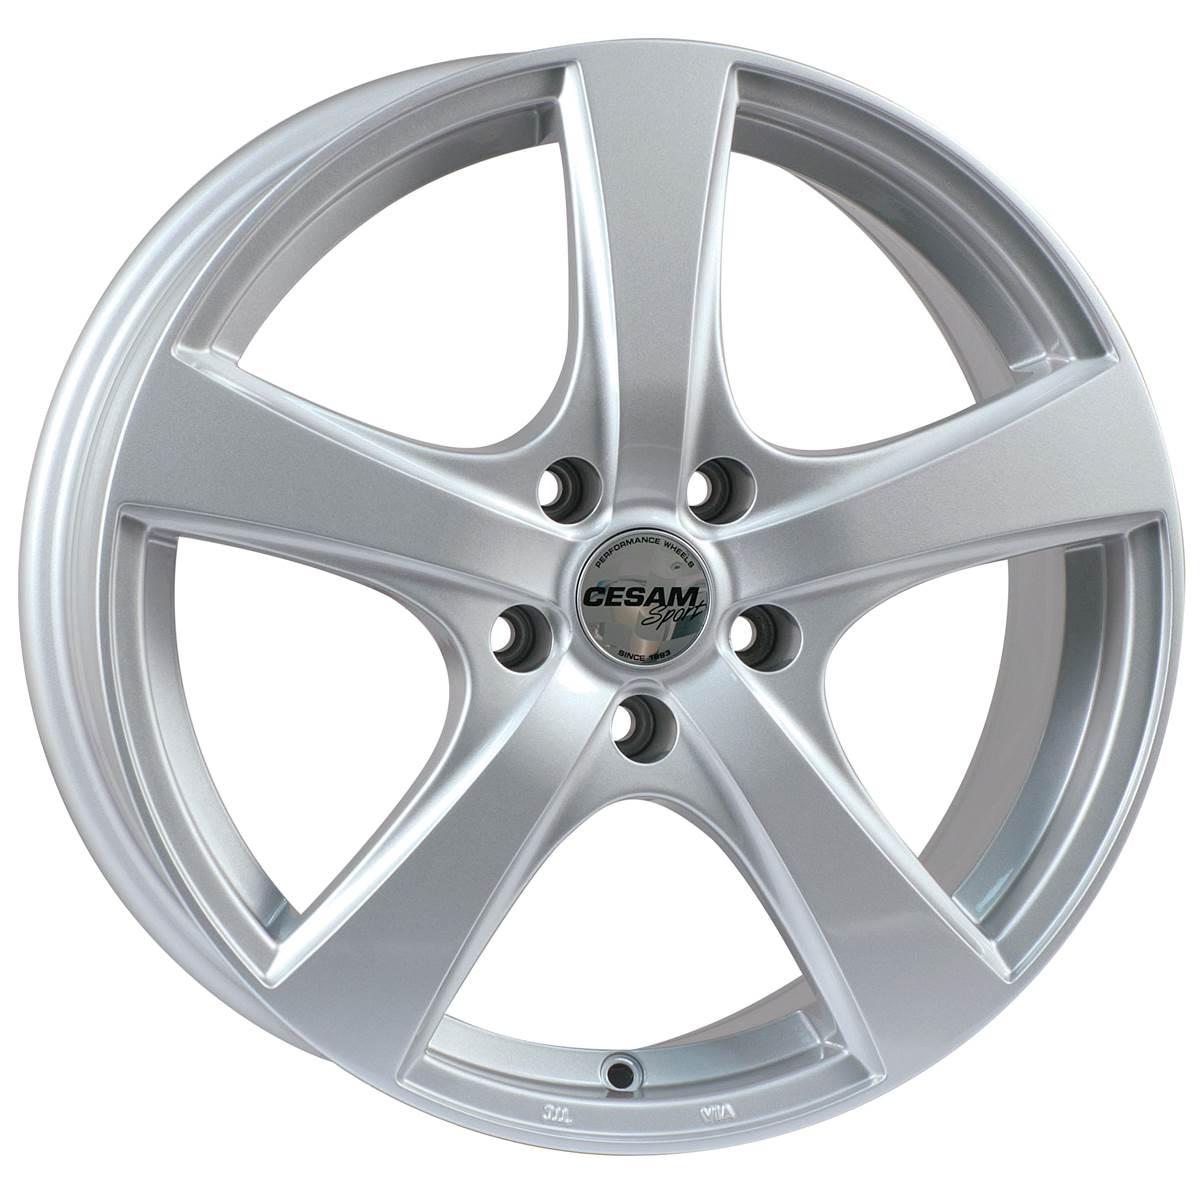 Jante CESAM Artik Silver 7,5x17 5x098ET35